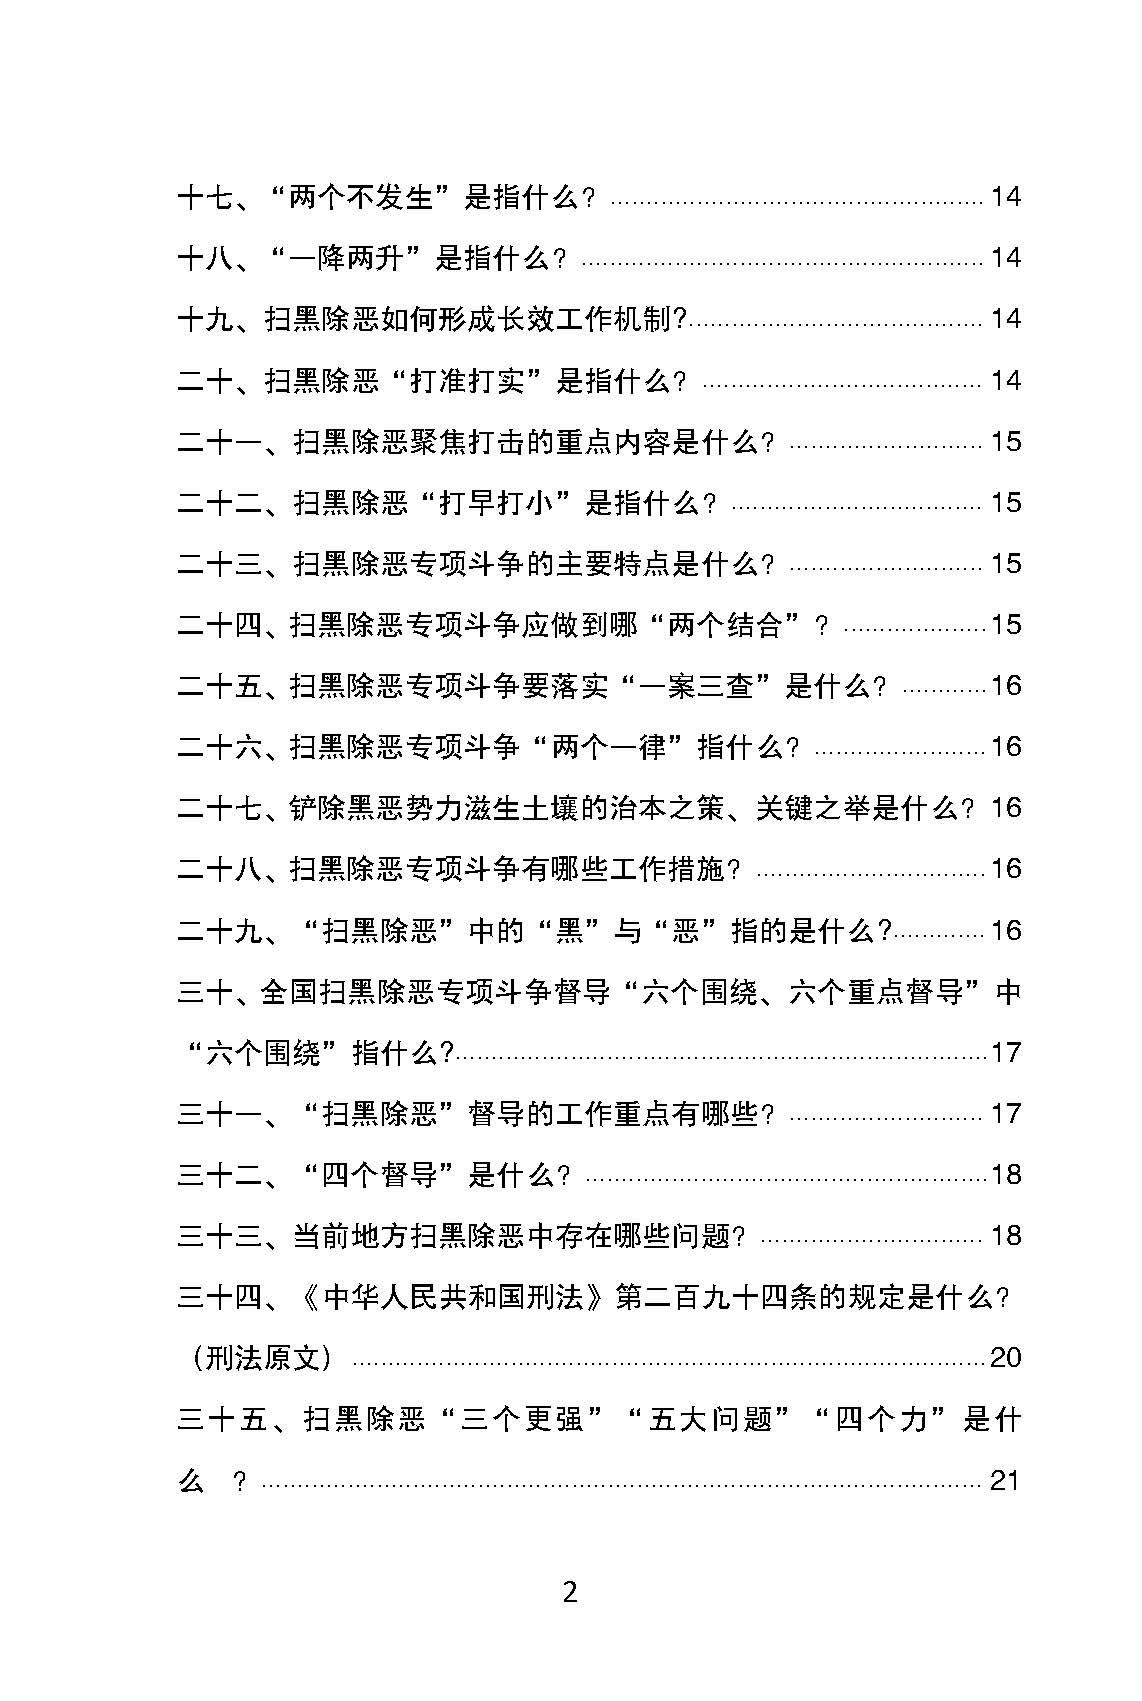 贺州市扫黑除恶  应知应会知识汇编_页面_02.jpg